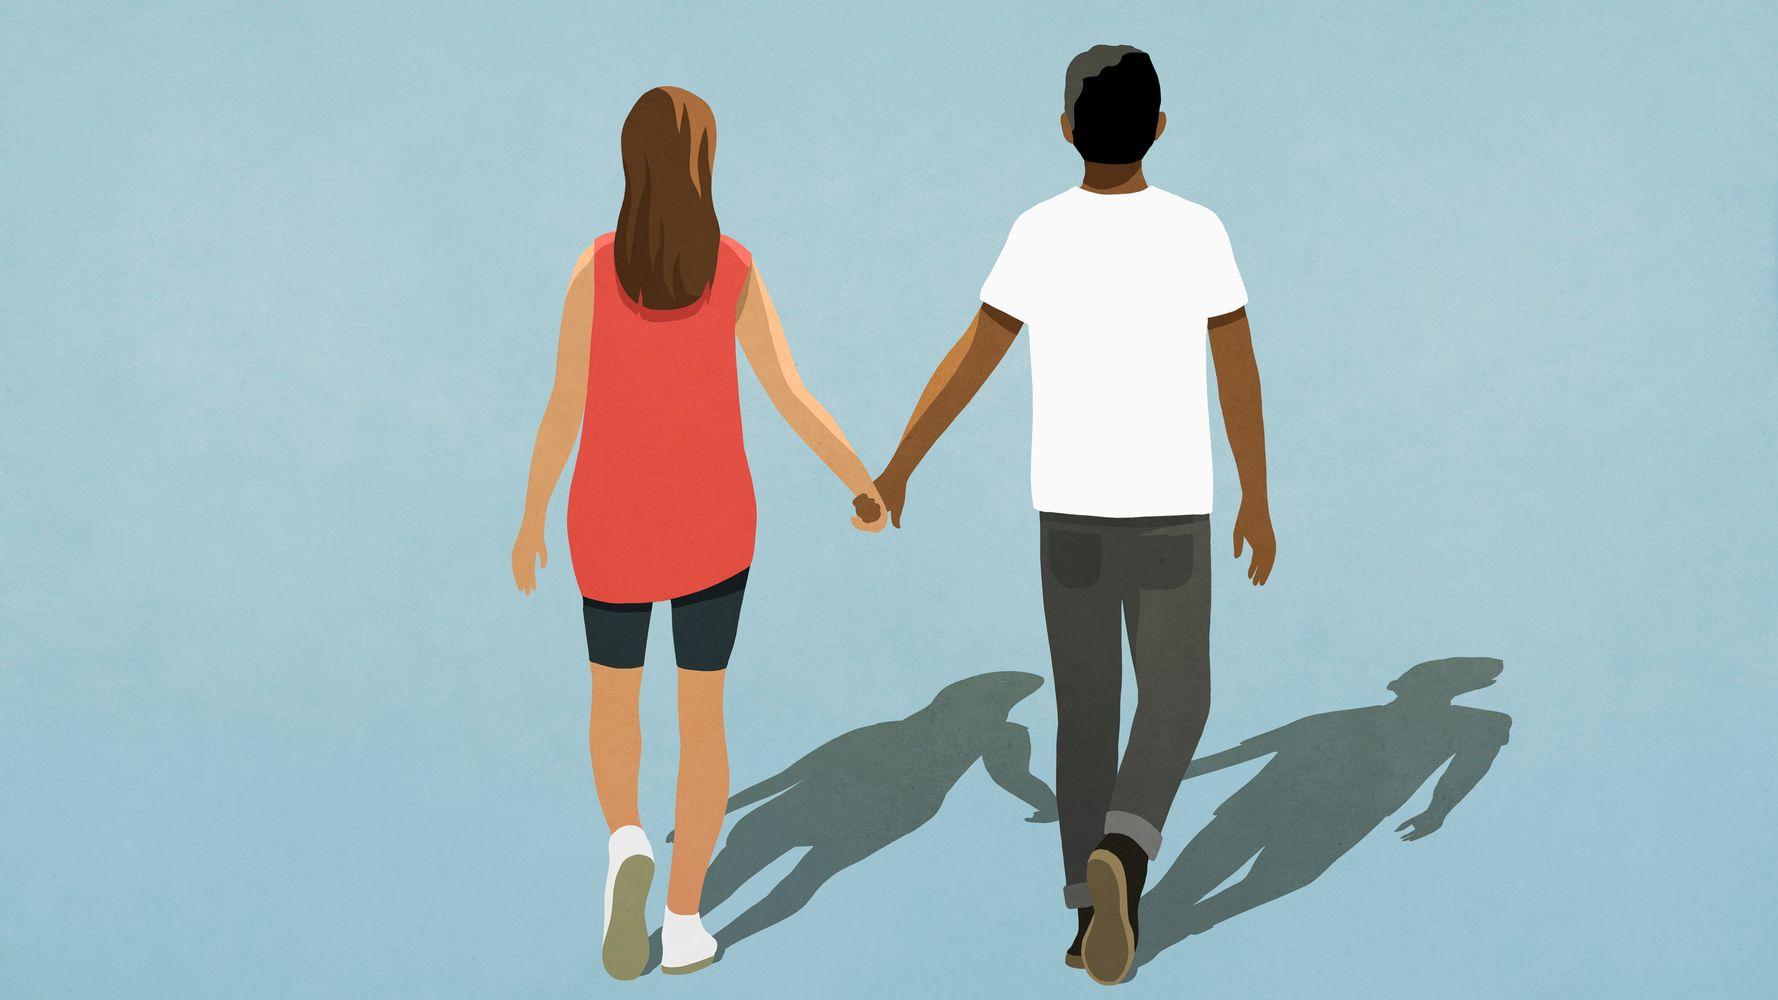 Comment sauver le couple hétéro? Le nouveau livre de Mona Chollet déconstruit l'amour